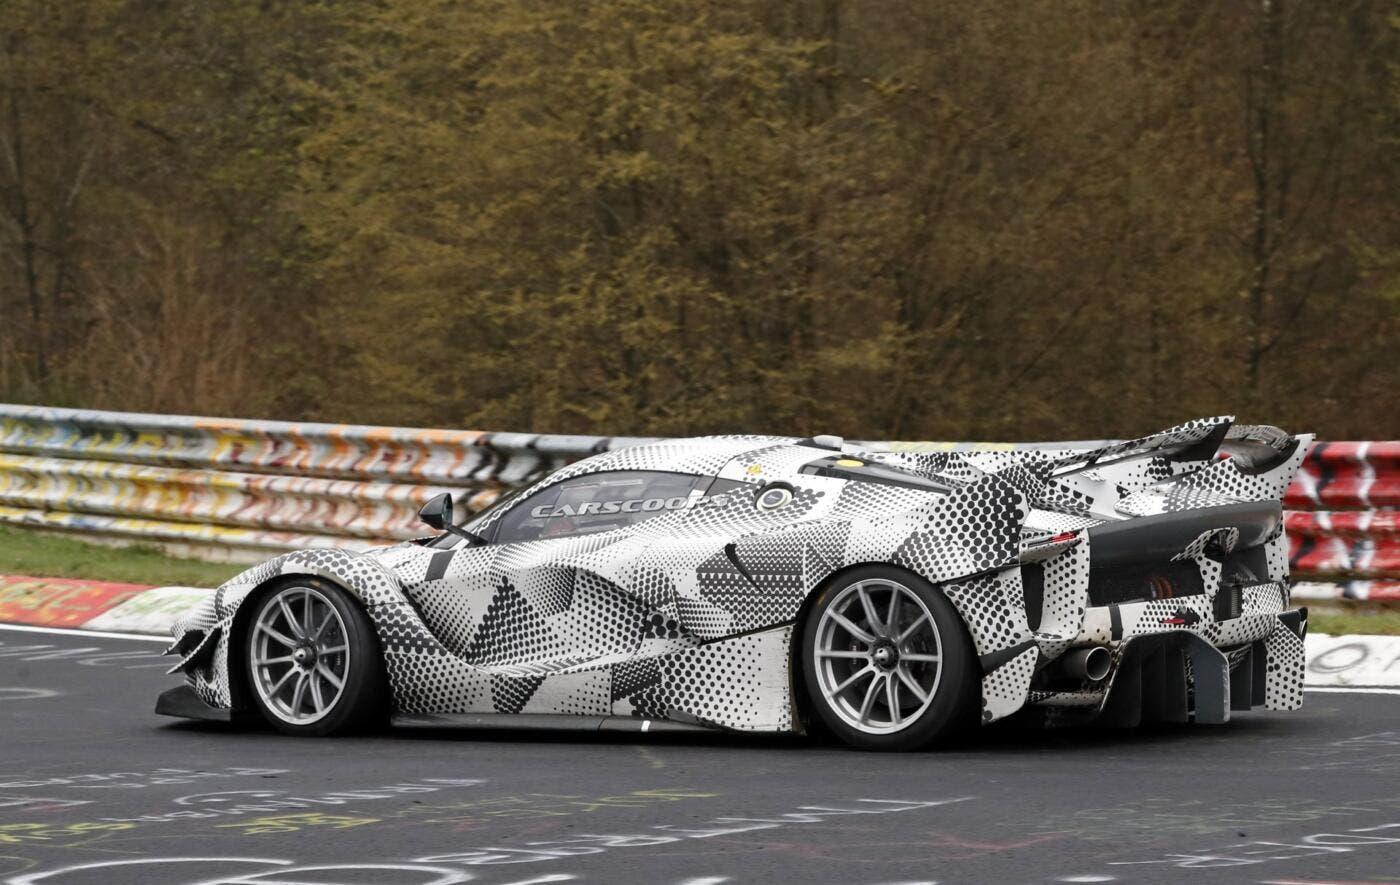 Ferrari FXX K Evo prototipo Nurburgring